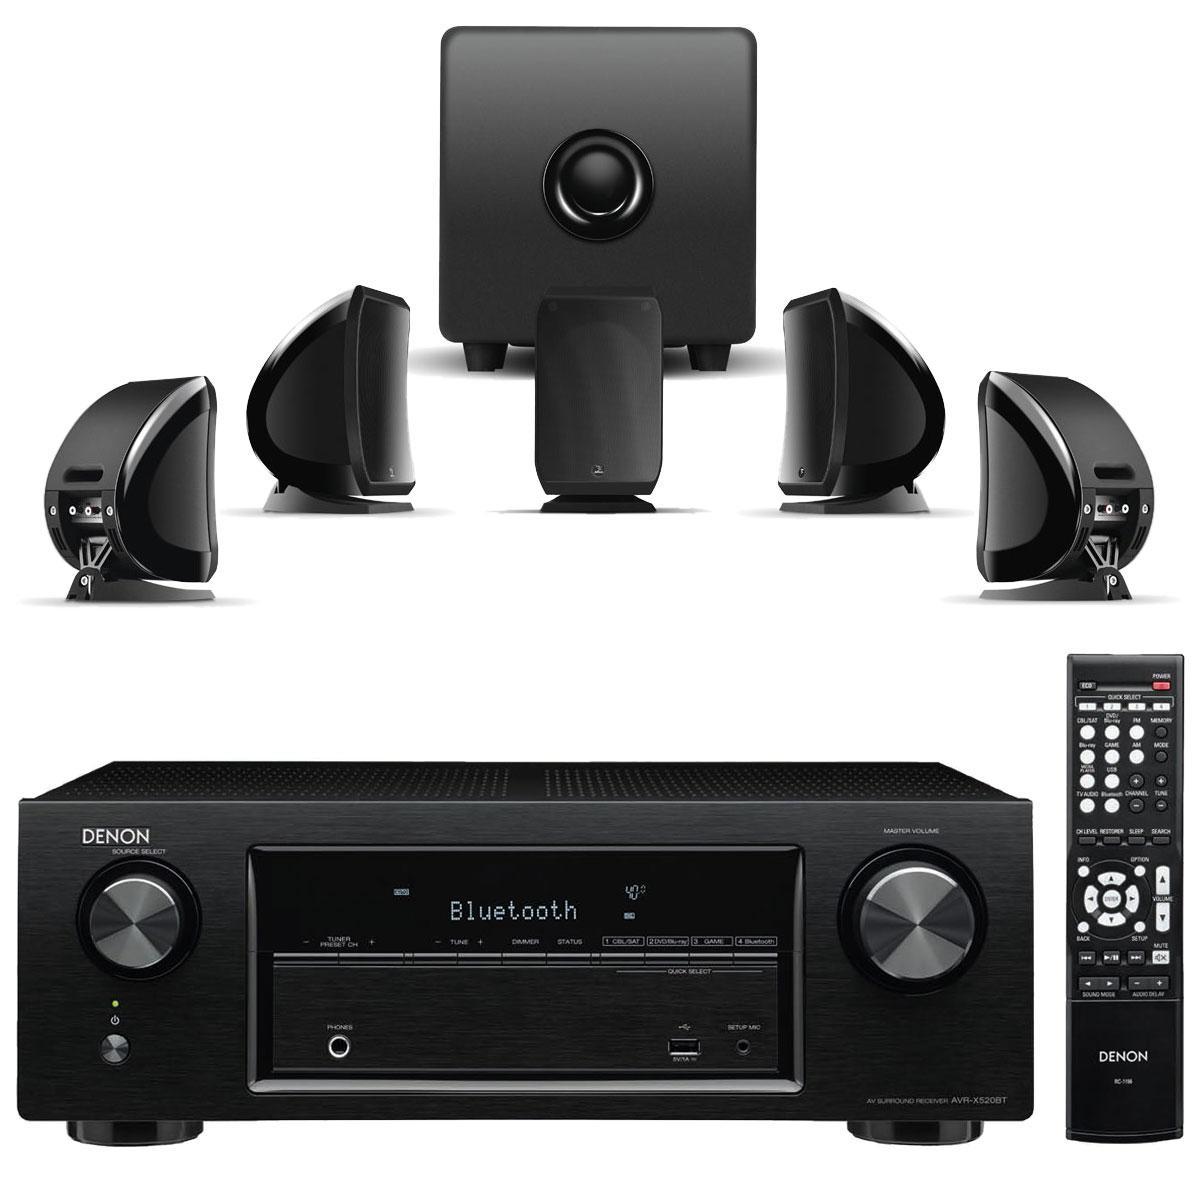 Home Cinéma 5.2 Denon AVR-X520BT + Kit d'enceintes 5.1 Focal Sib & Cub Jet Black